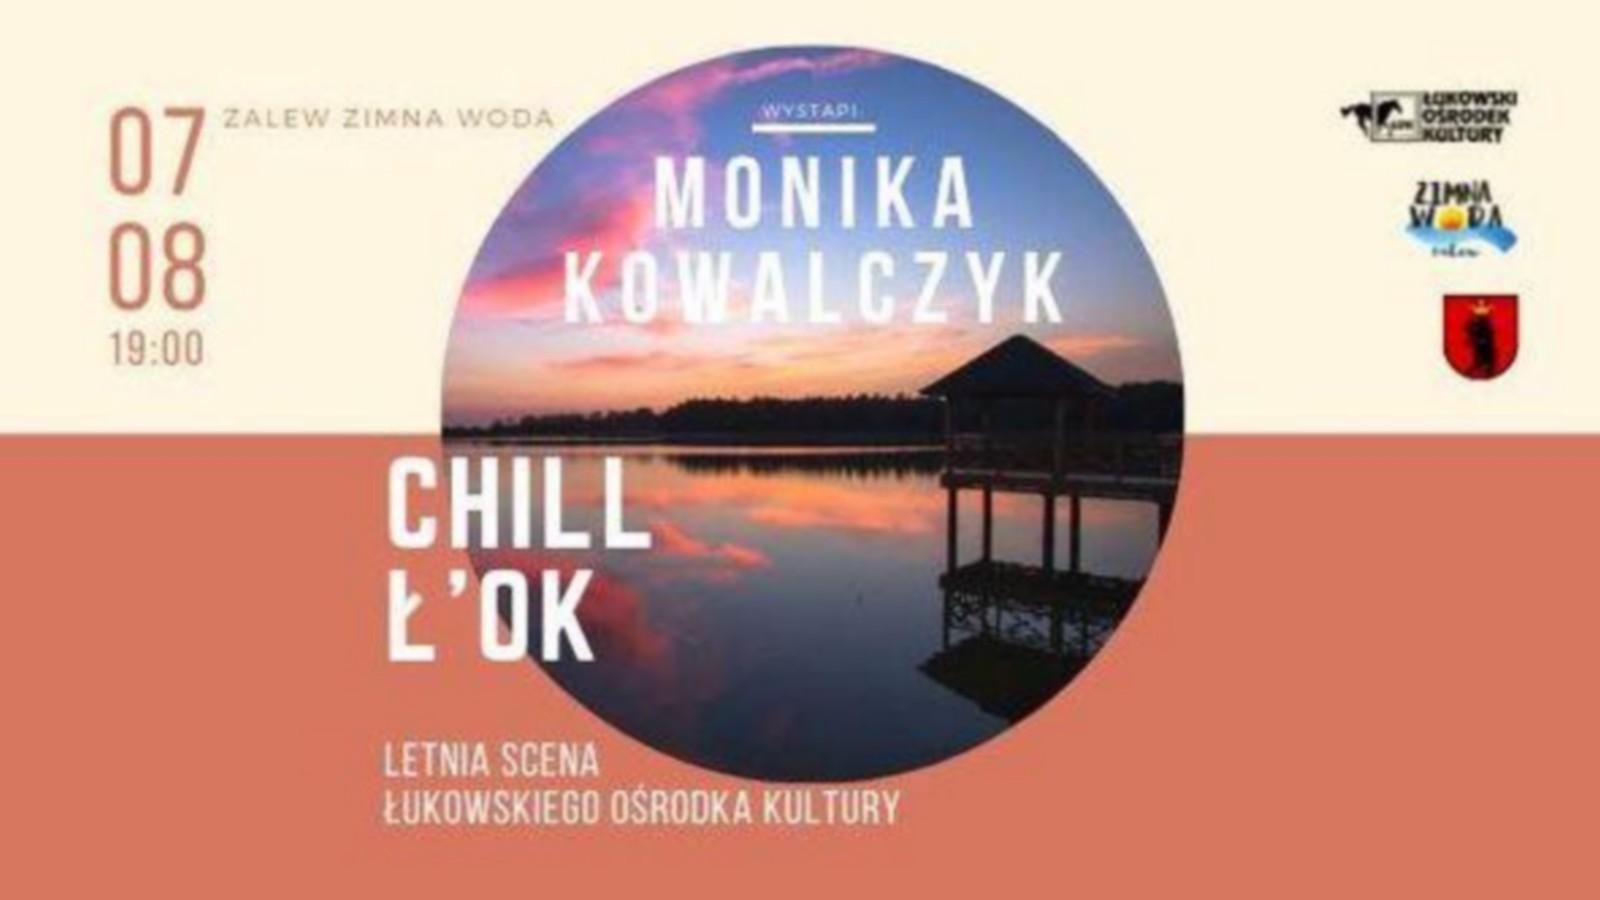 Monika Kowalczyk nad zalewem